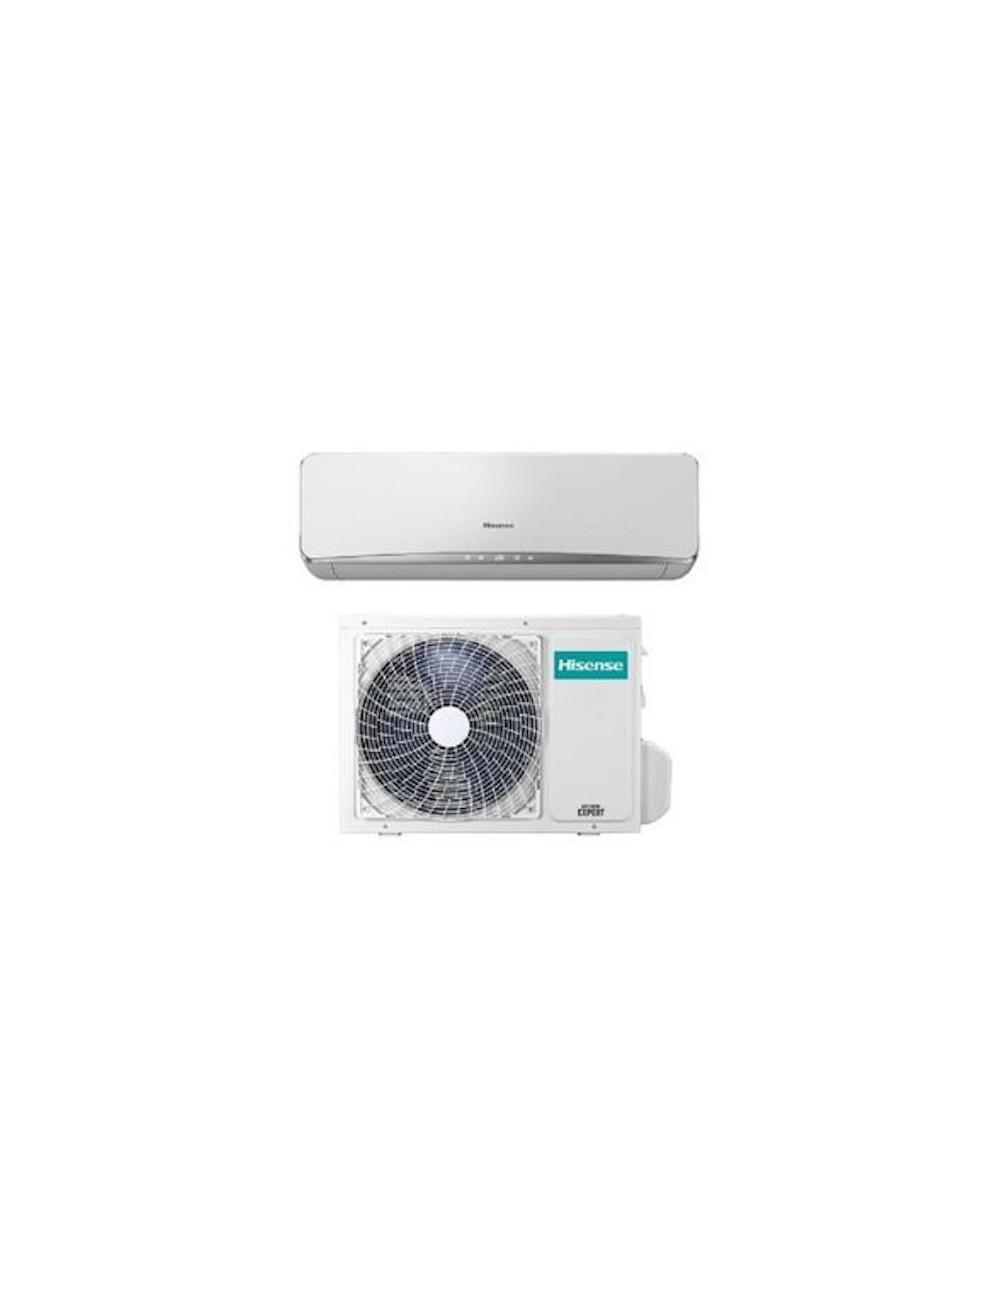 CLIMATIZZATORE CONDIZIONATORE 9000 BTU 2,6 kW HISENSE NEW EASY INVERTER A++ MONOSPLIT A PARETE TE25YD02G